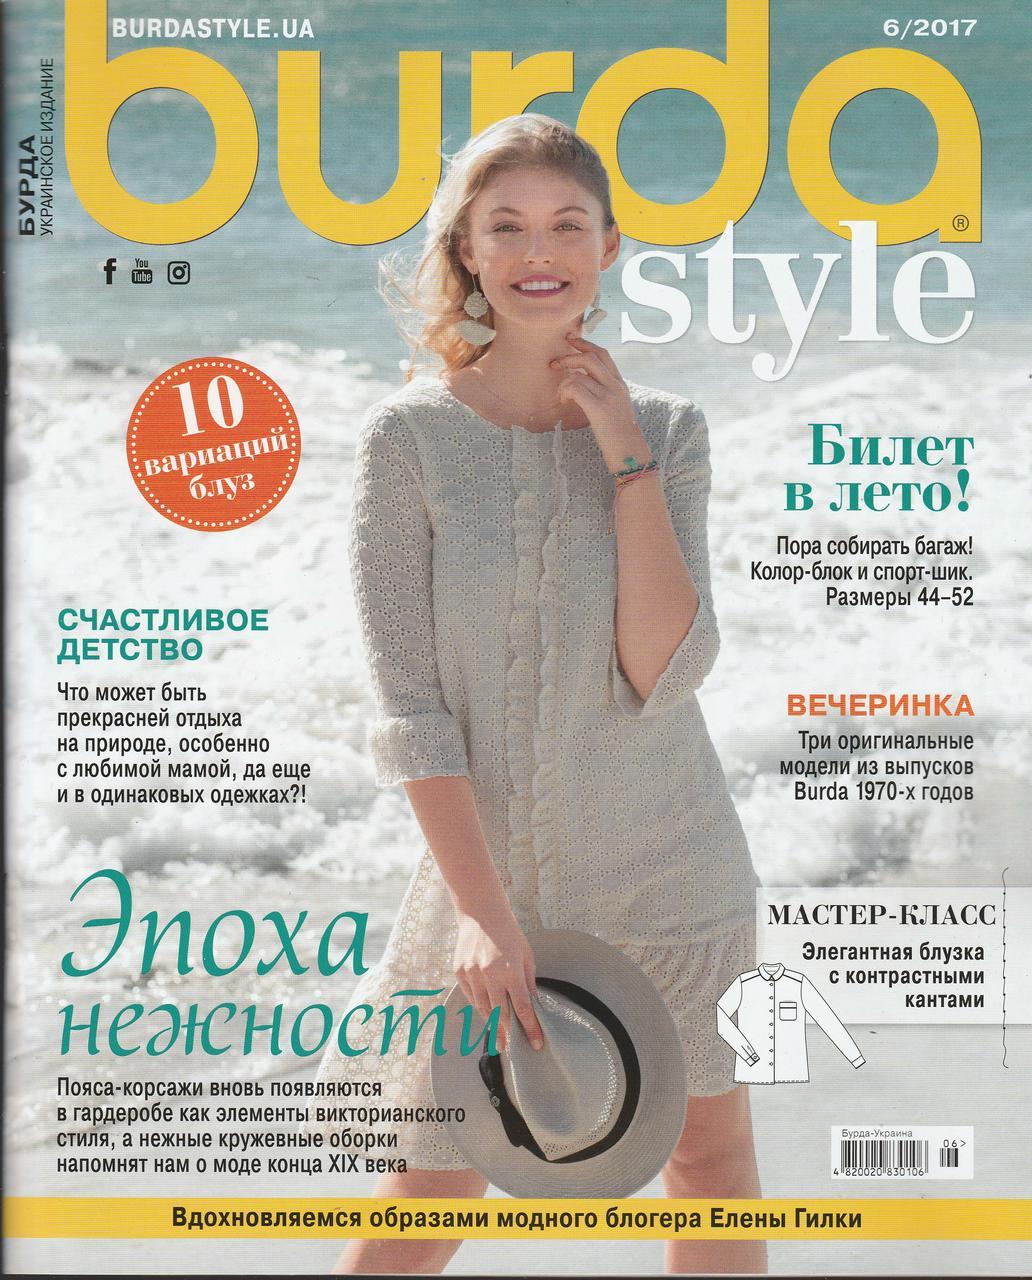 Журнал Бурда Україна (Burda UA) червень №06 2017